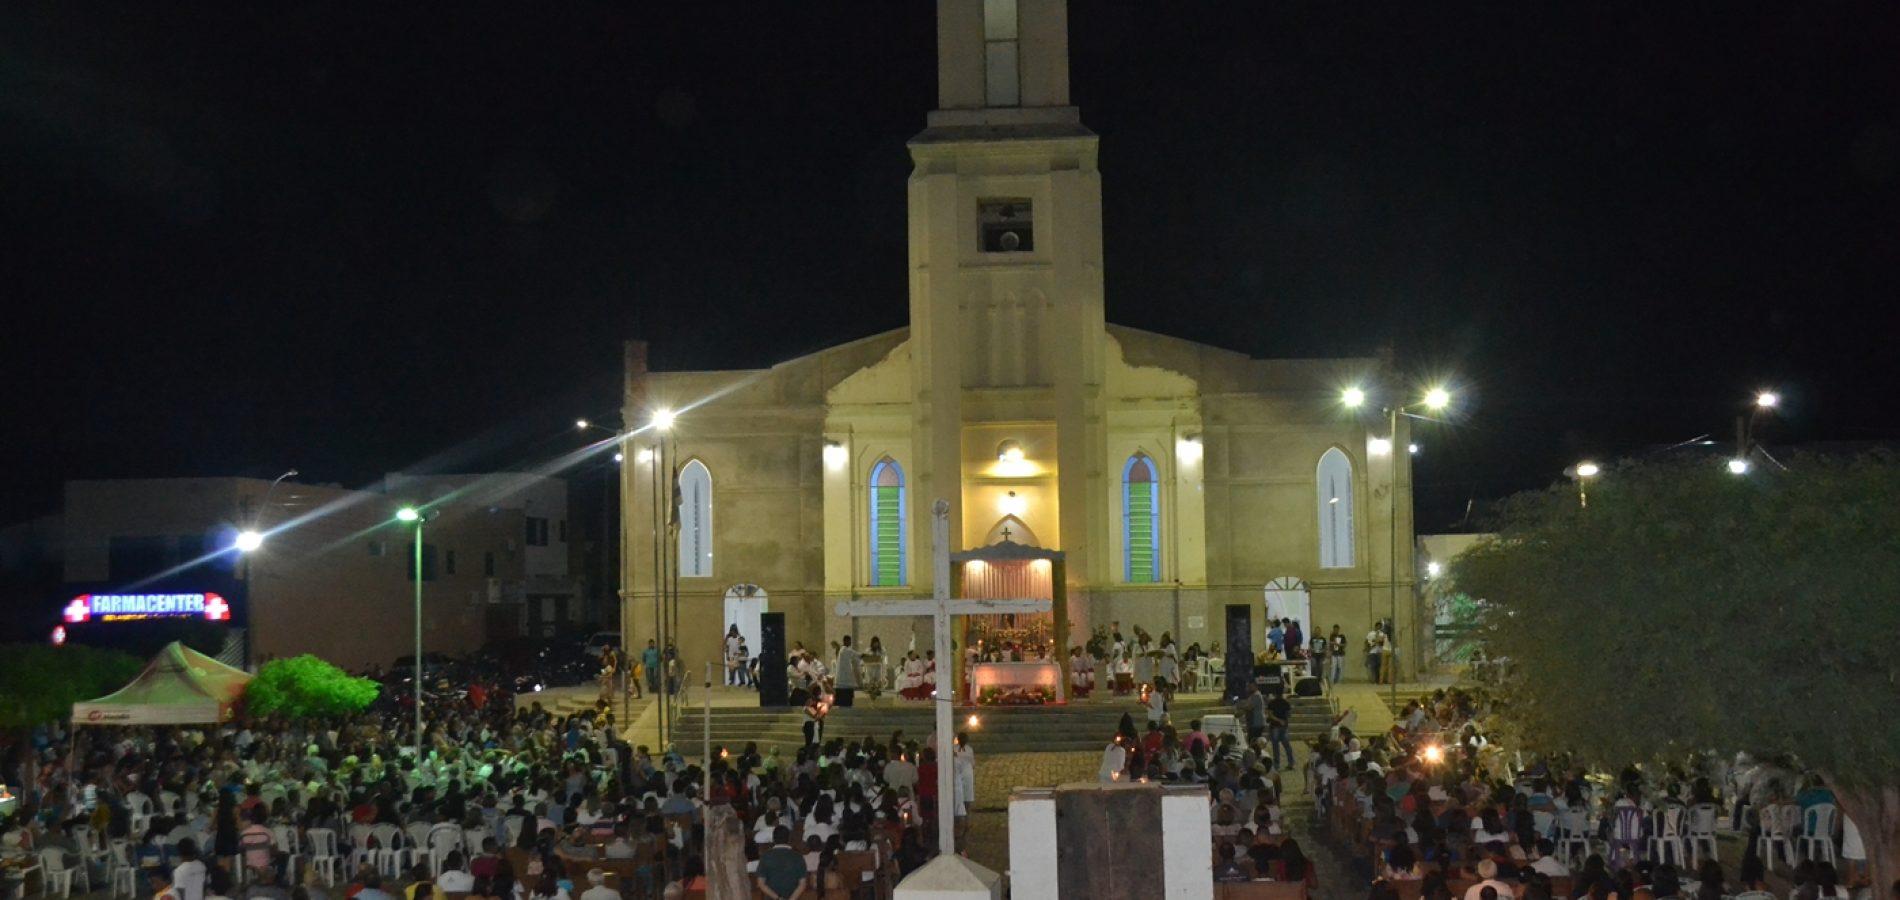 FOTOS | 1ª noite de novena e missa dos festejos de São Simão, em Simões